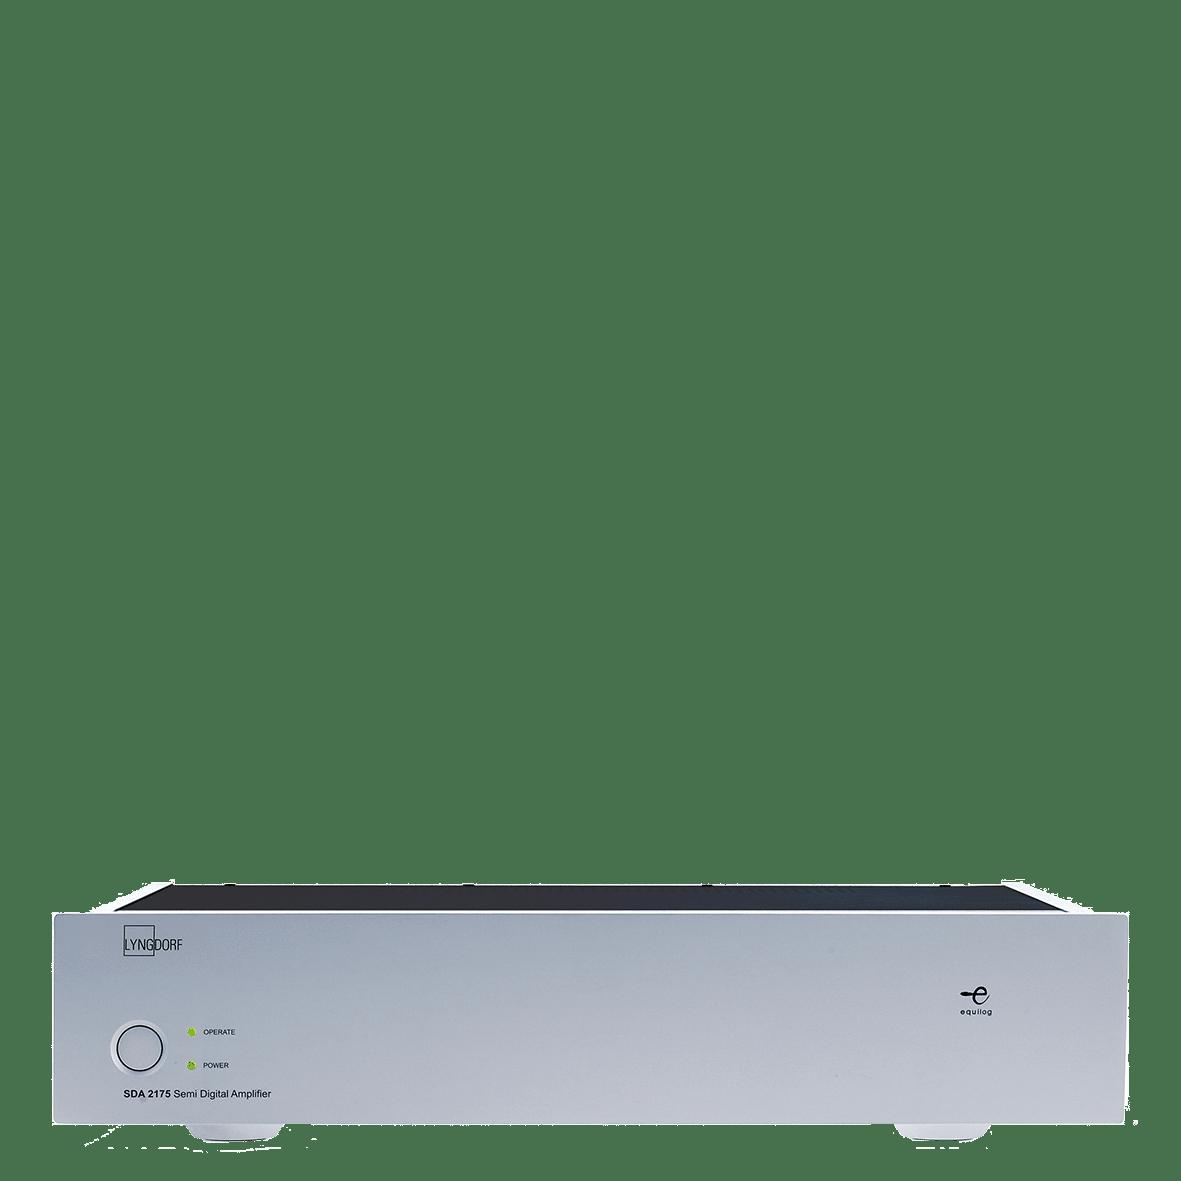 SDA-2175